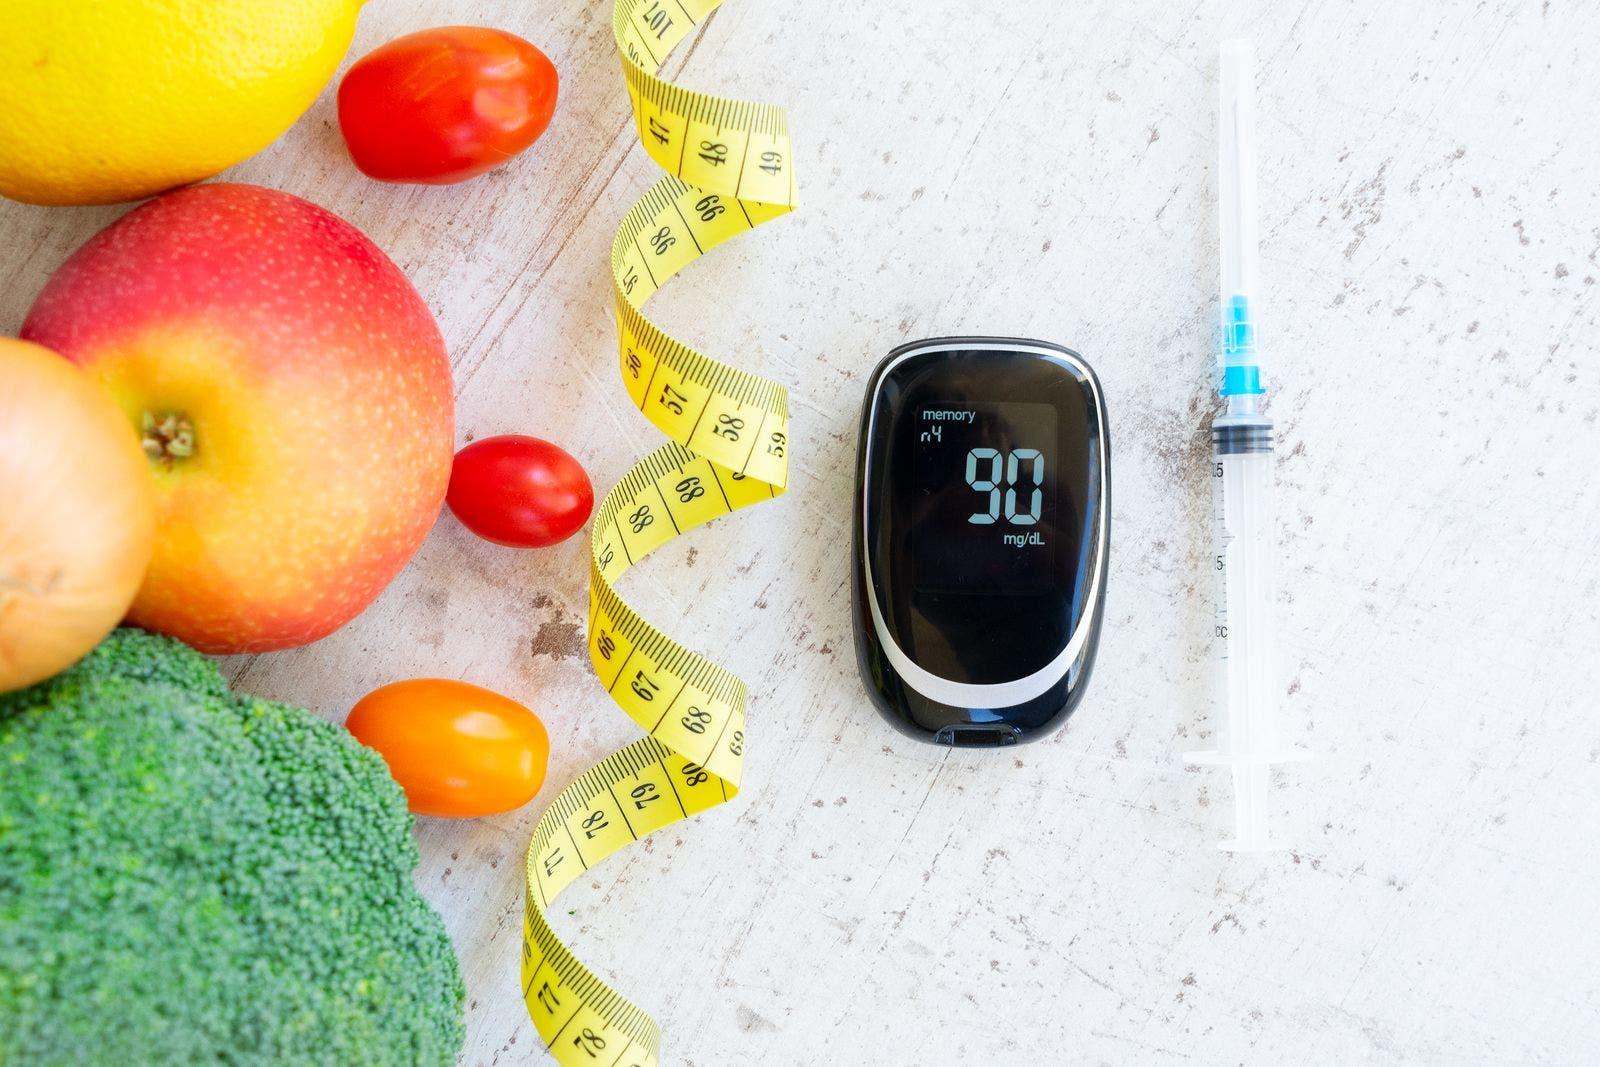 Hábitos saludables y autocontrol para pacientes  diabéticos en tiempos de Covid-19